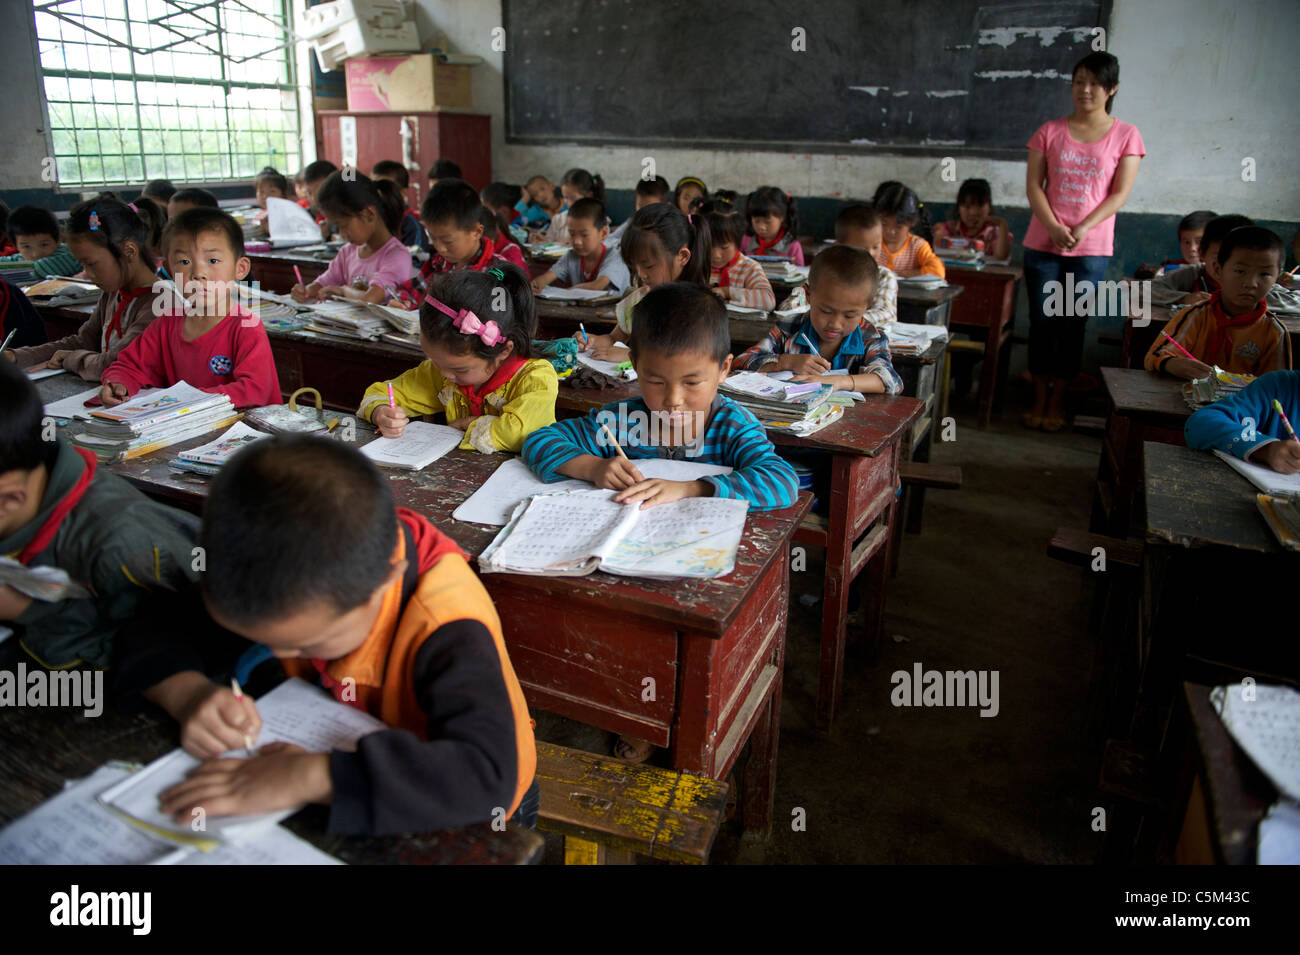 Cinese Scuola primaria gli studenti che frequentano la classe in un villaggio di poveri in Shangluo, provincia di Shaanxi, Cina. 21-Maggio-2011 Foto Stock